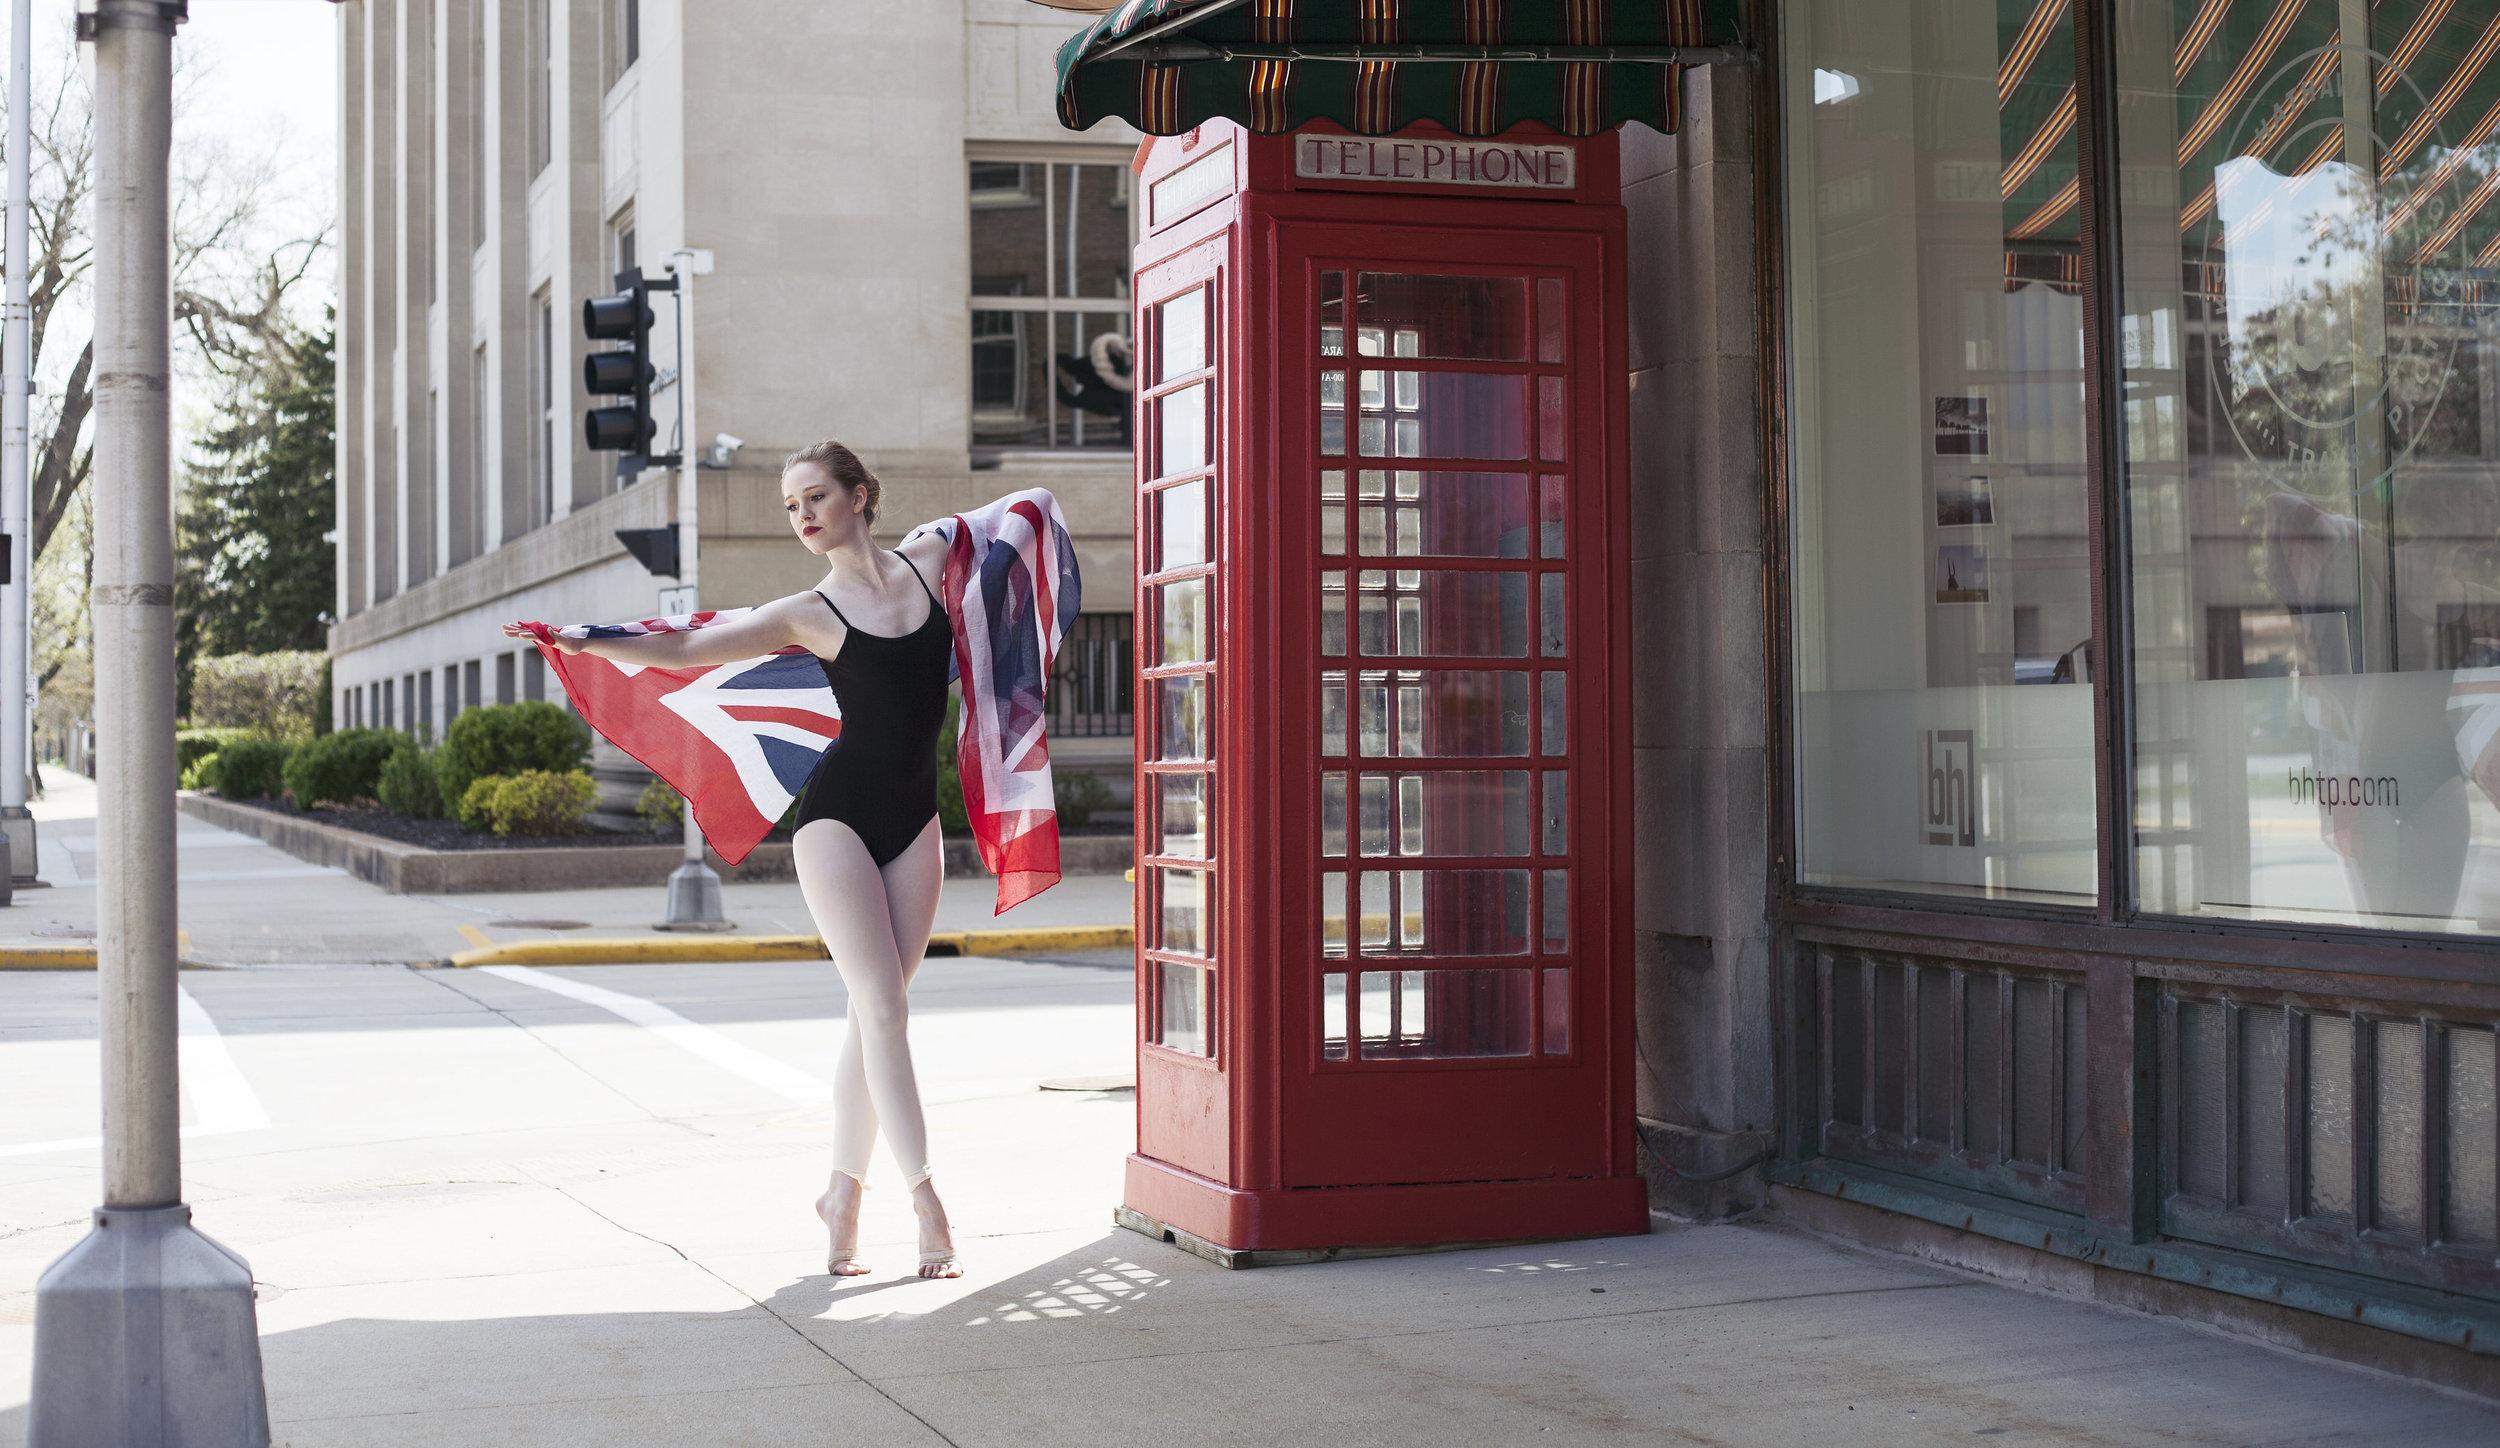 Chelsey Grant Dance image 3.jpg